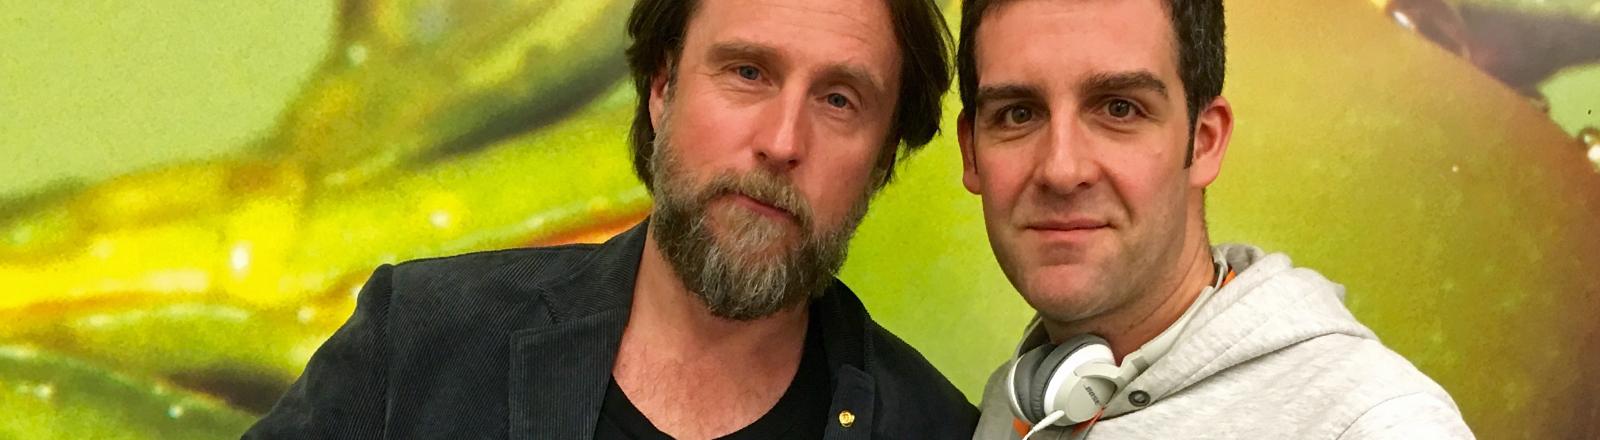 Schauspieler Bjarne Ingmar Mädel tifft sich mit DRadio-Wissen-Moderator Tom Westerholt.